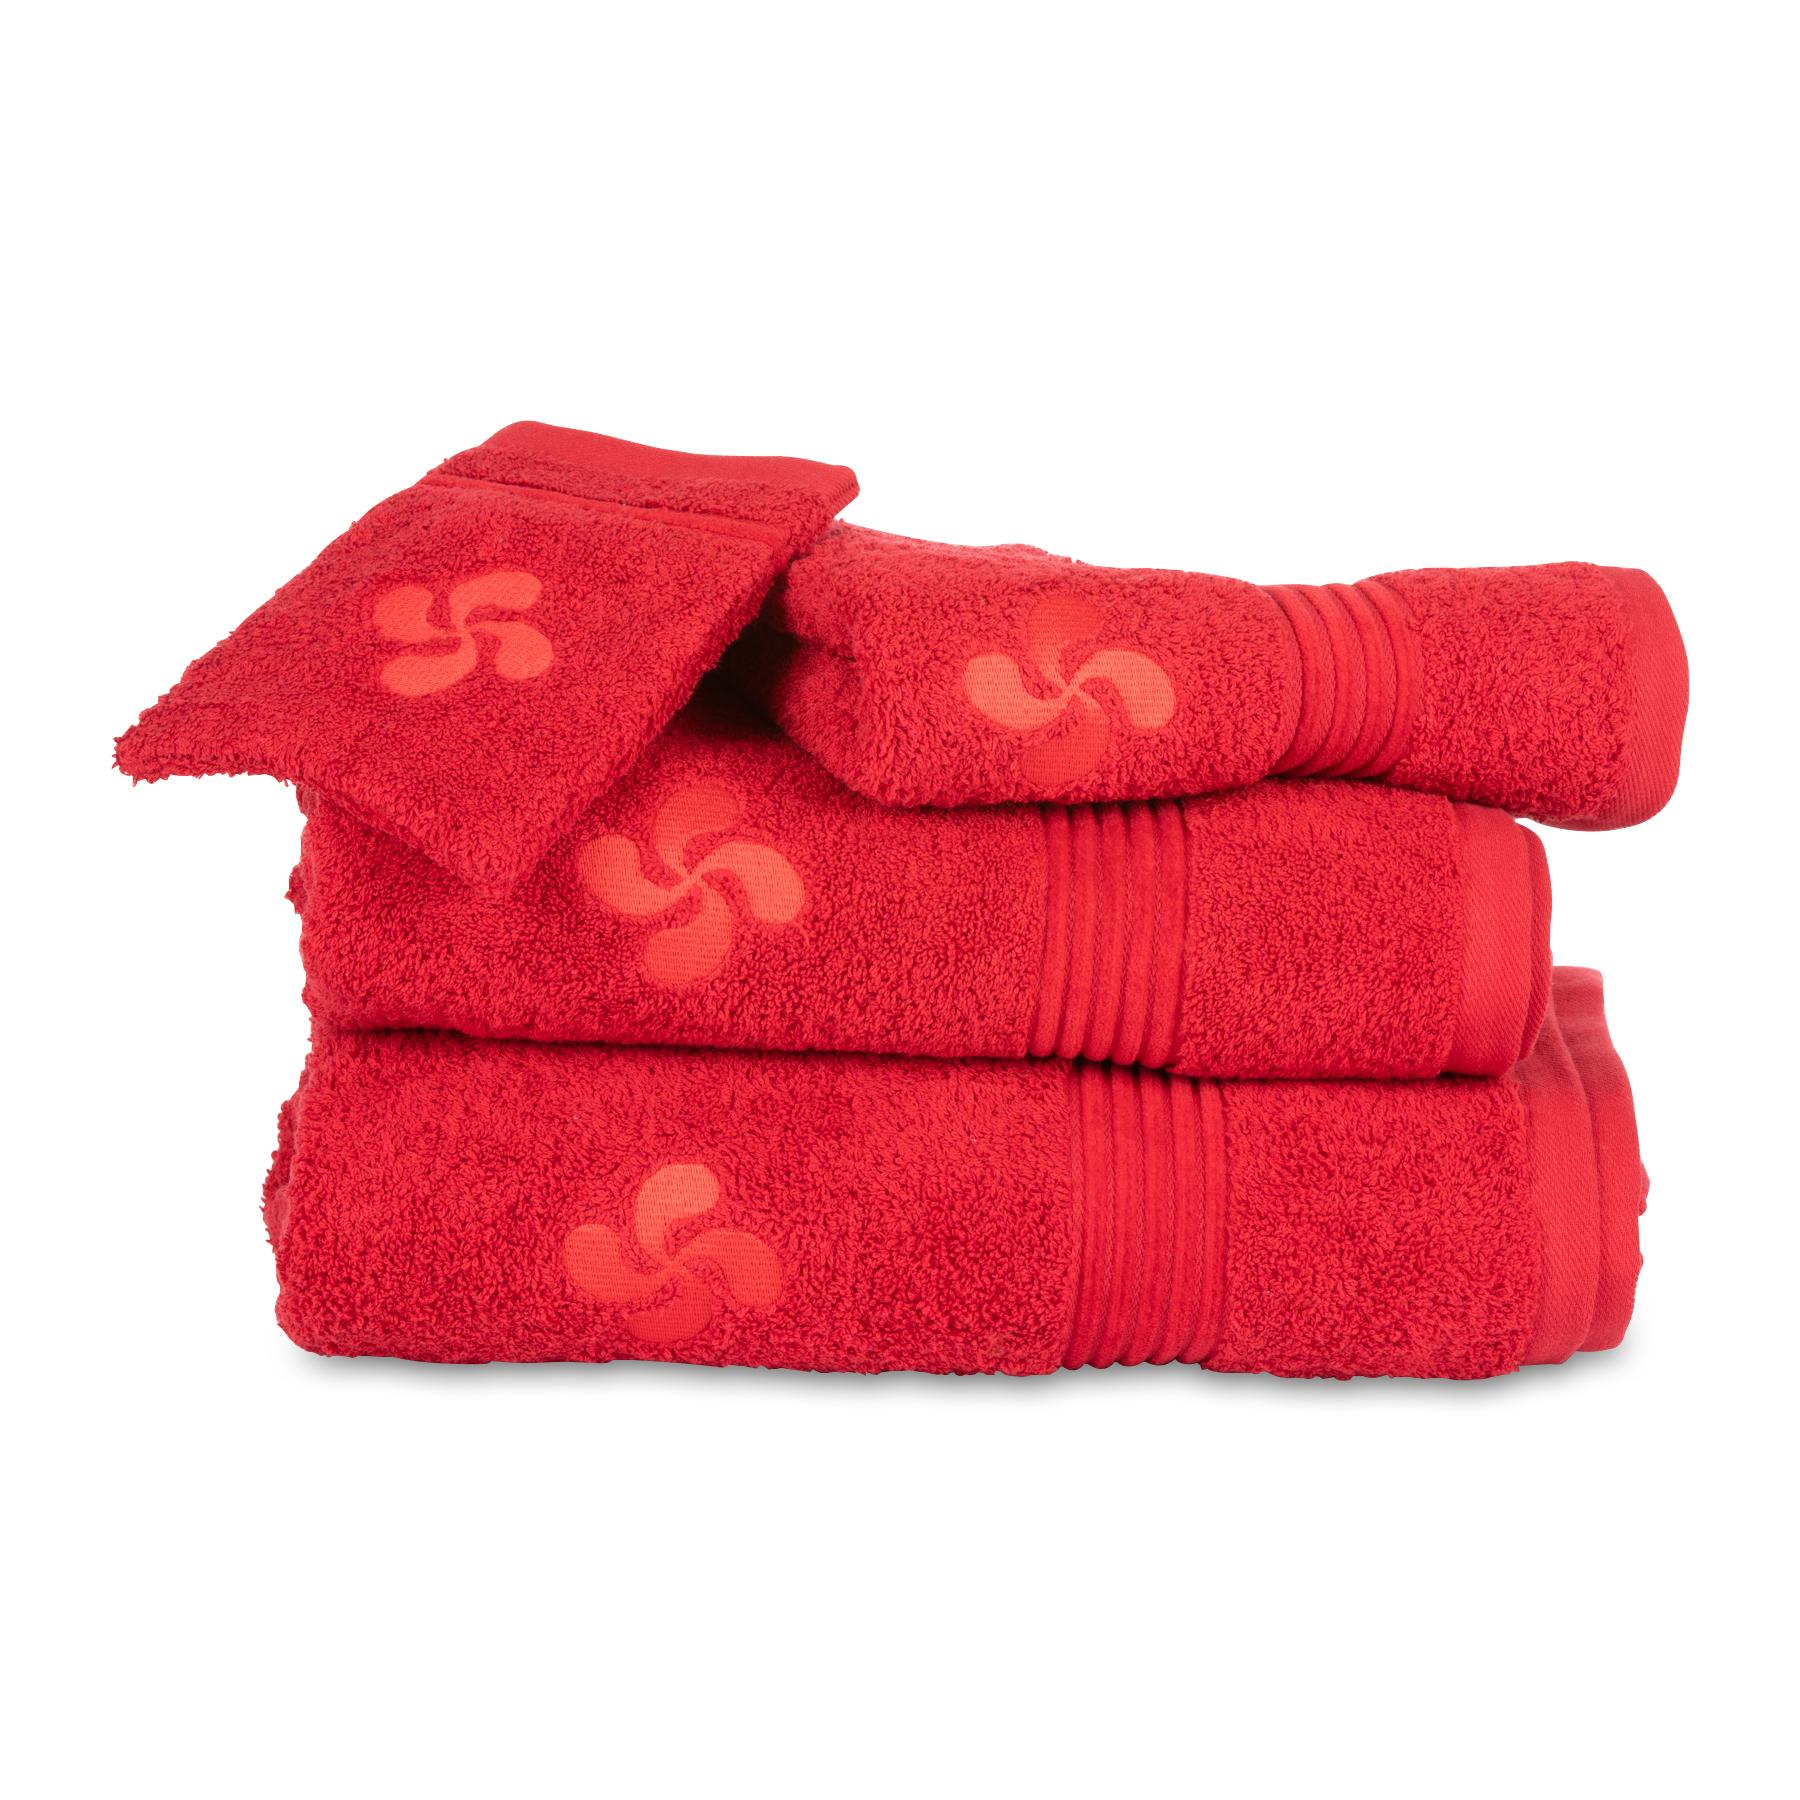 Luka rouge